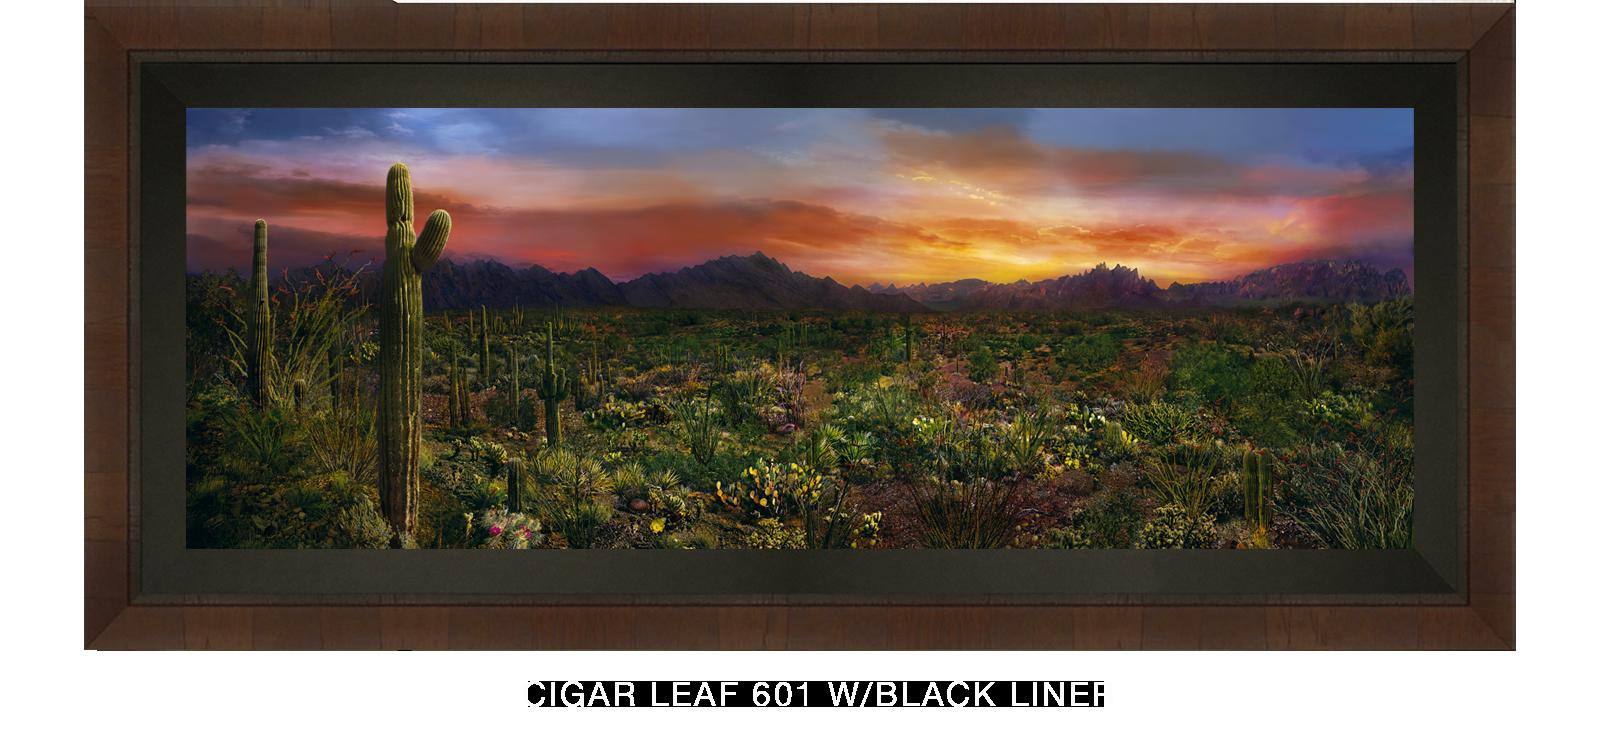 29EDEN VERNALIS Cigar Leaf 601 w_Blk Liner T